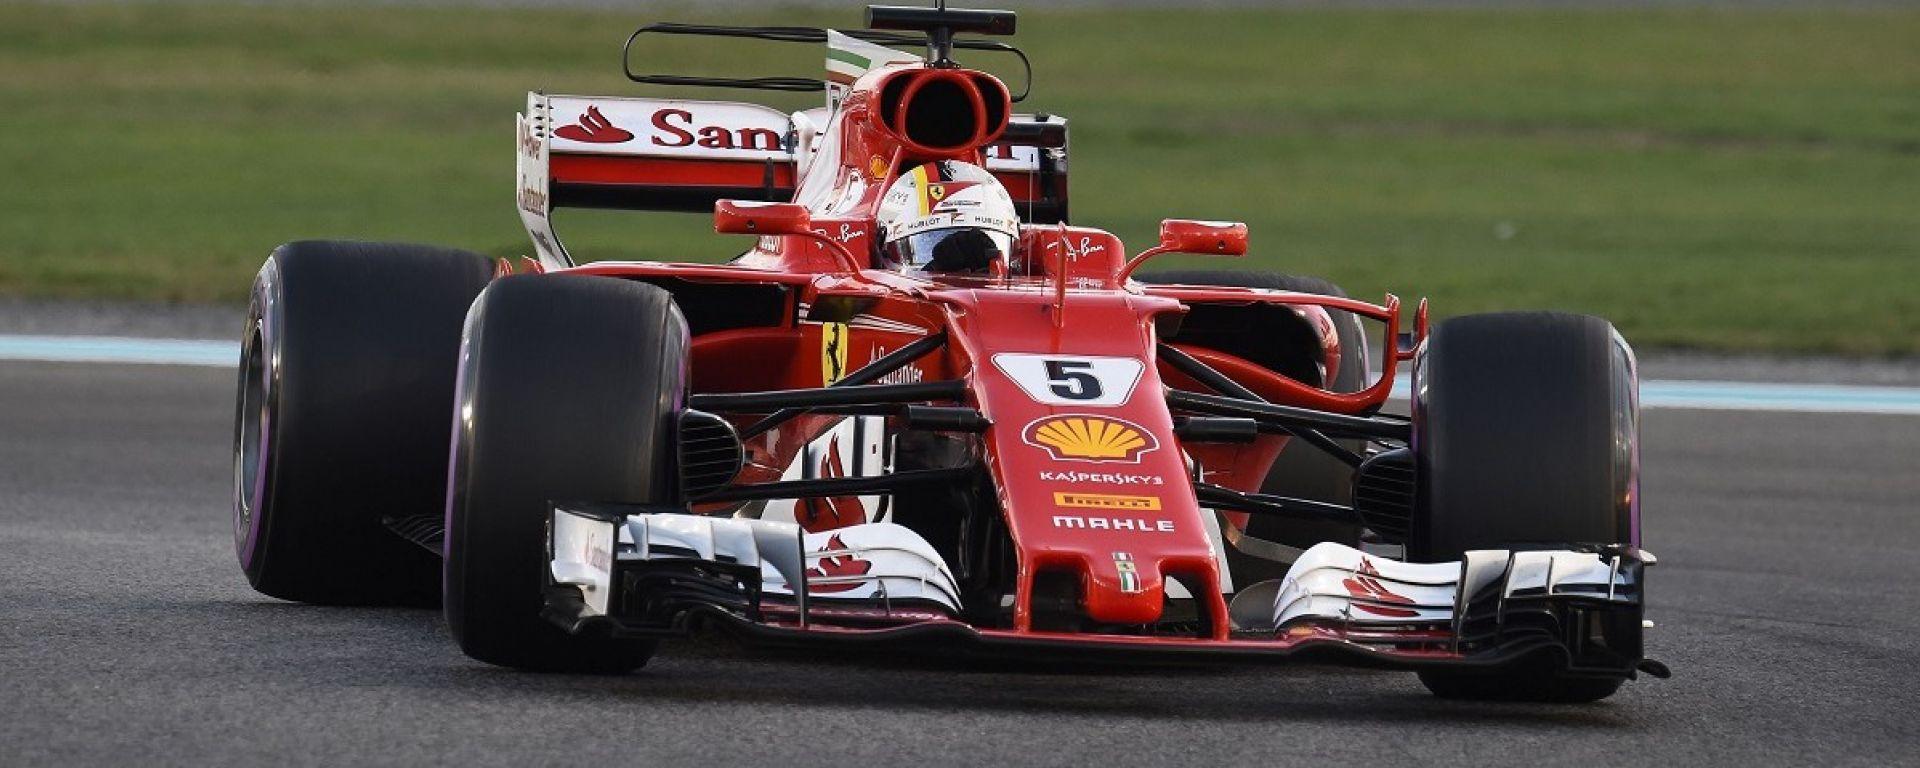 Test Abu Dhabi 2017, Sebastian Vettel